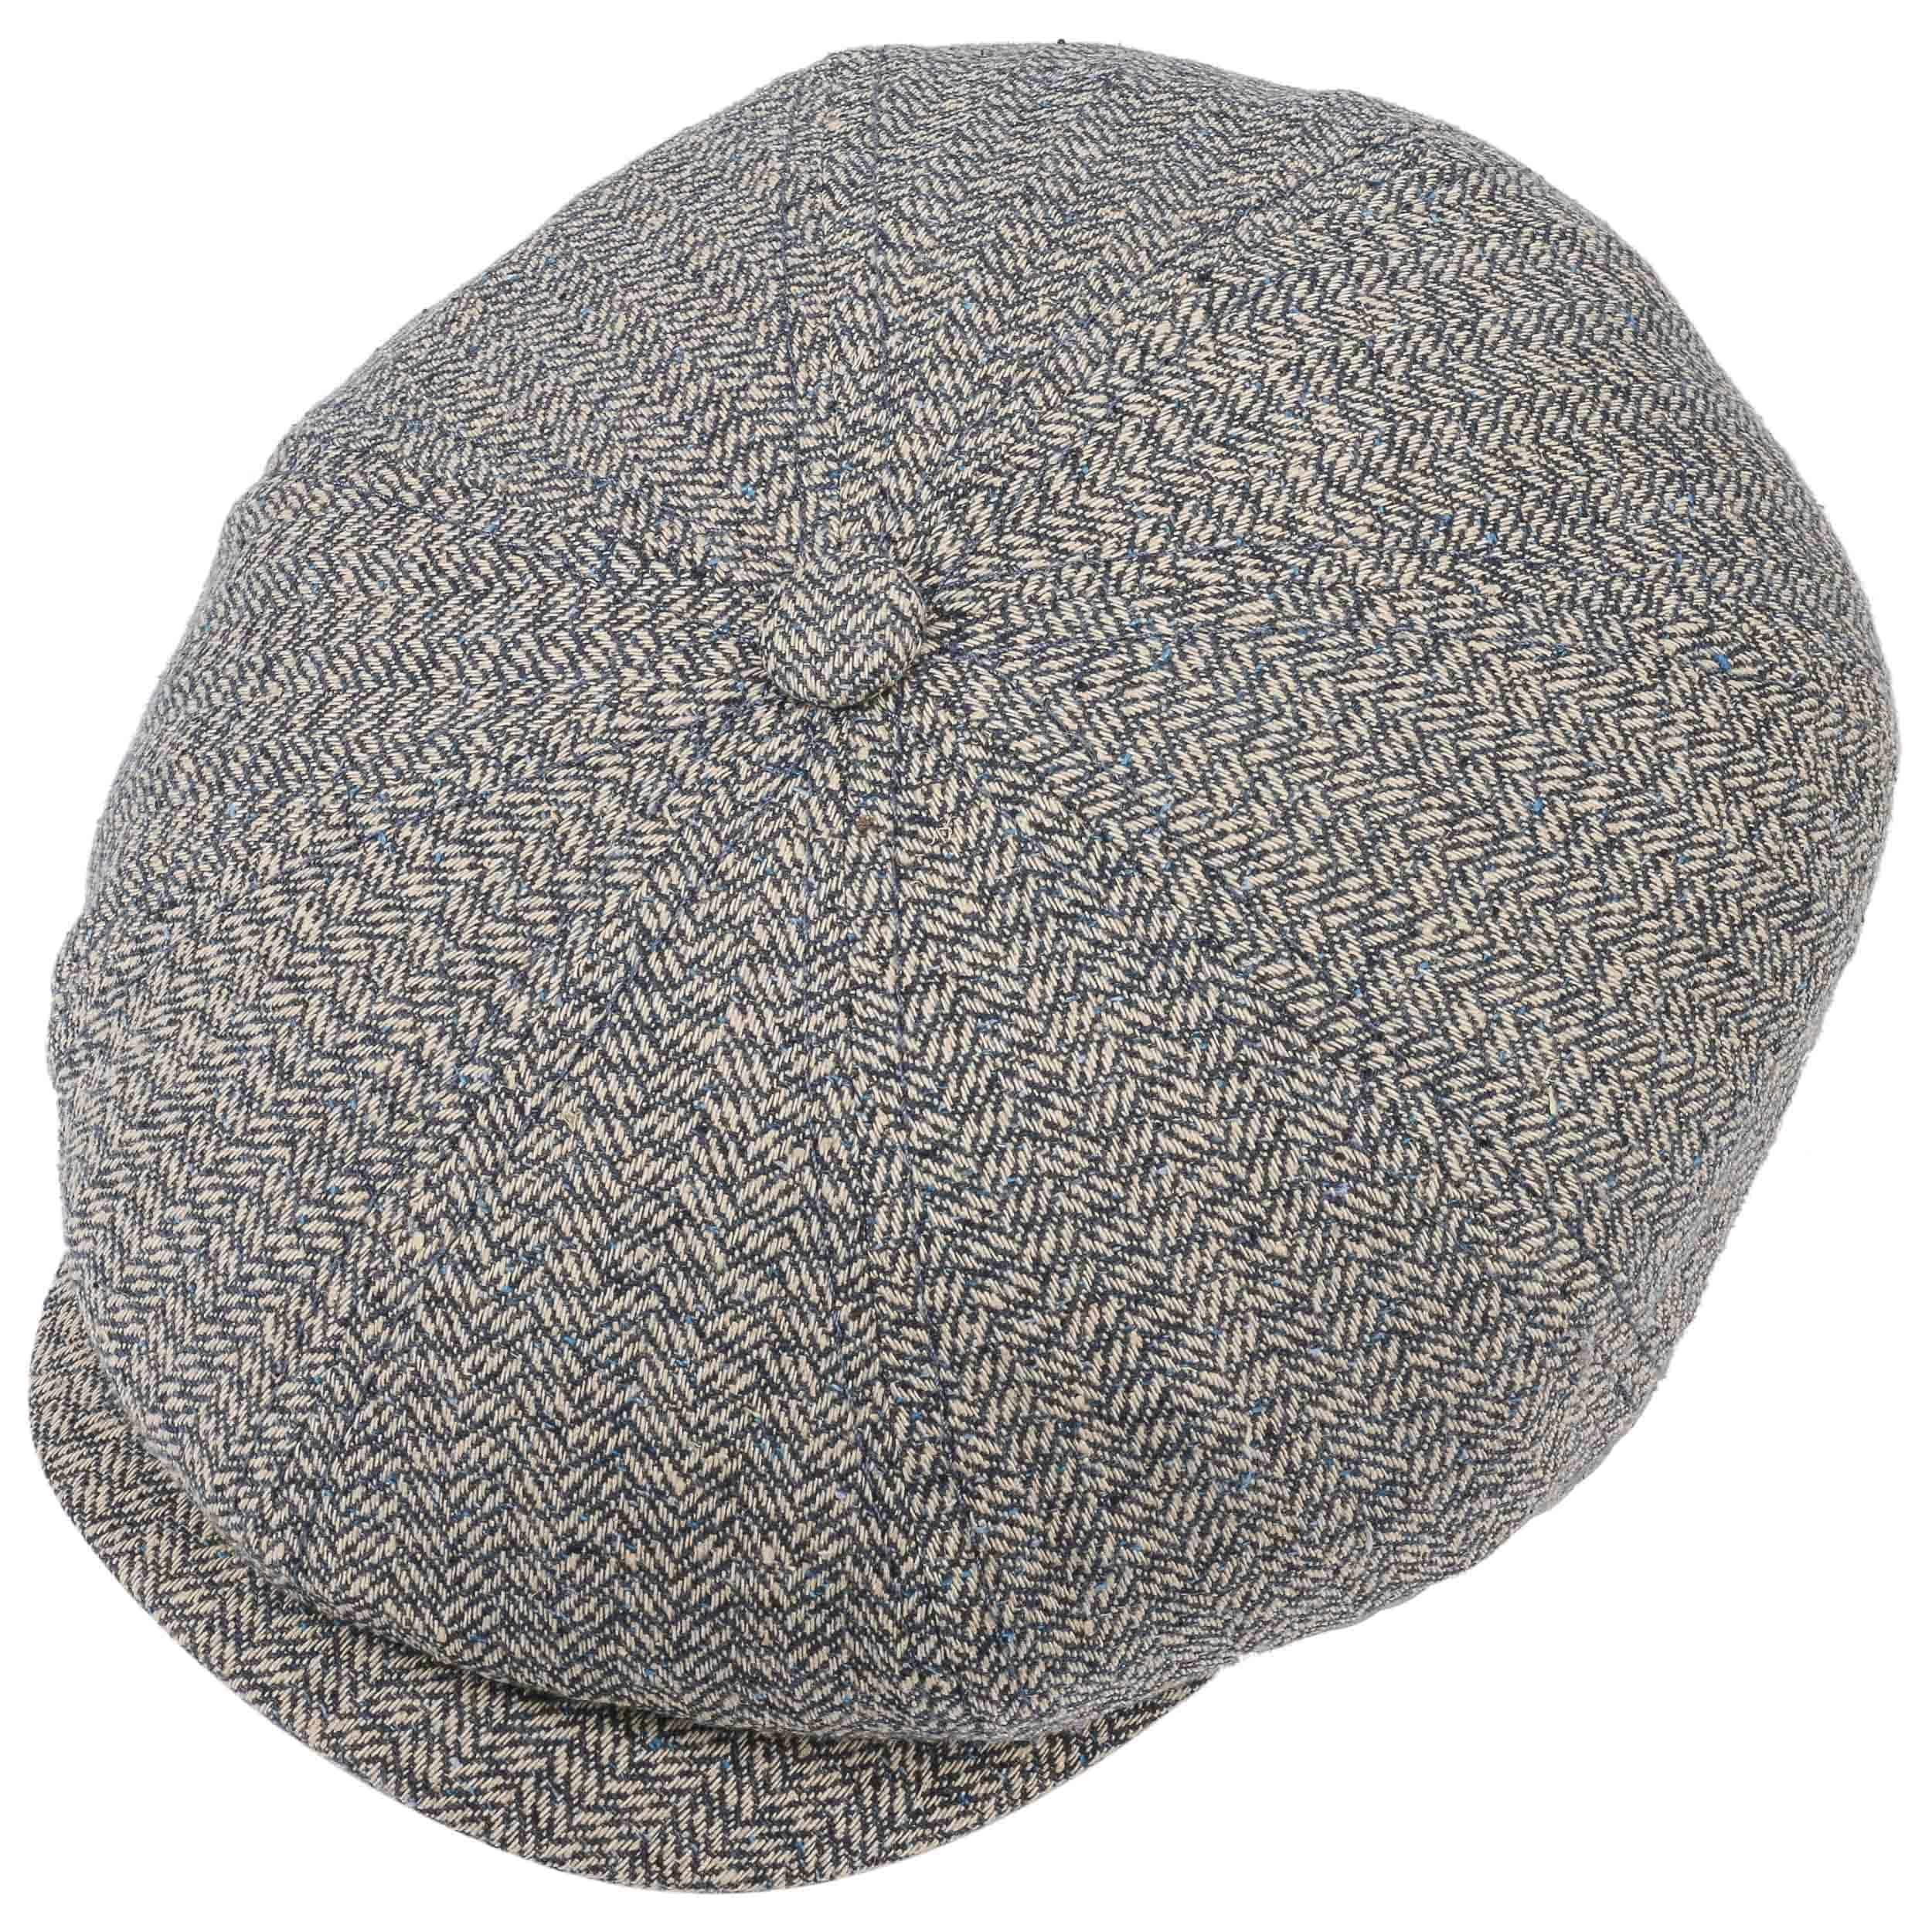 f1001f49 Hatteras Heritage Silk Wool Flat Cap by Stetson - beige-blue 1 ...